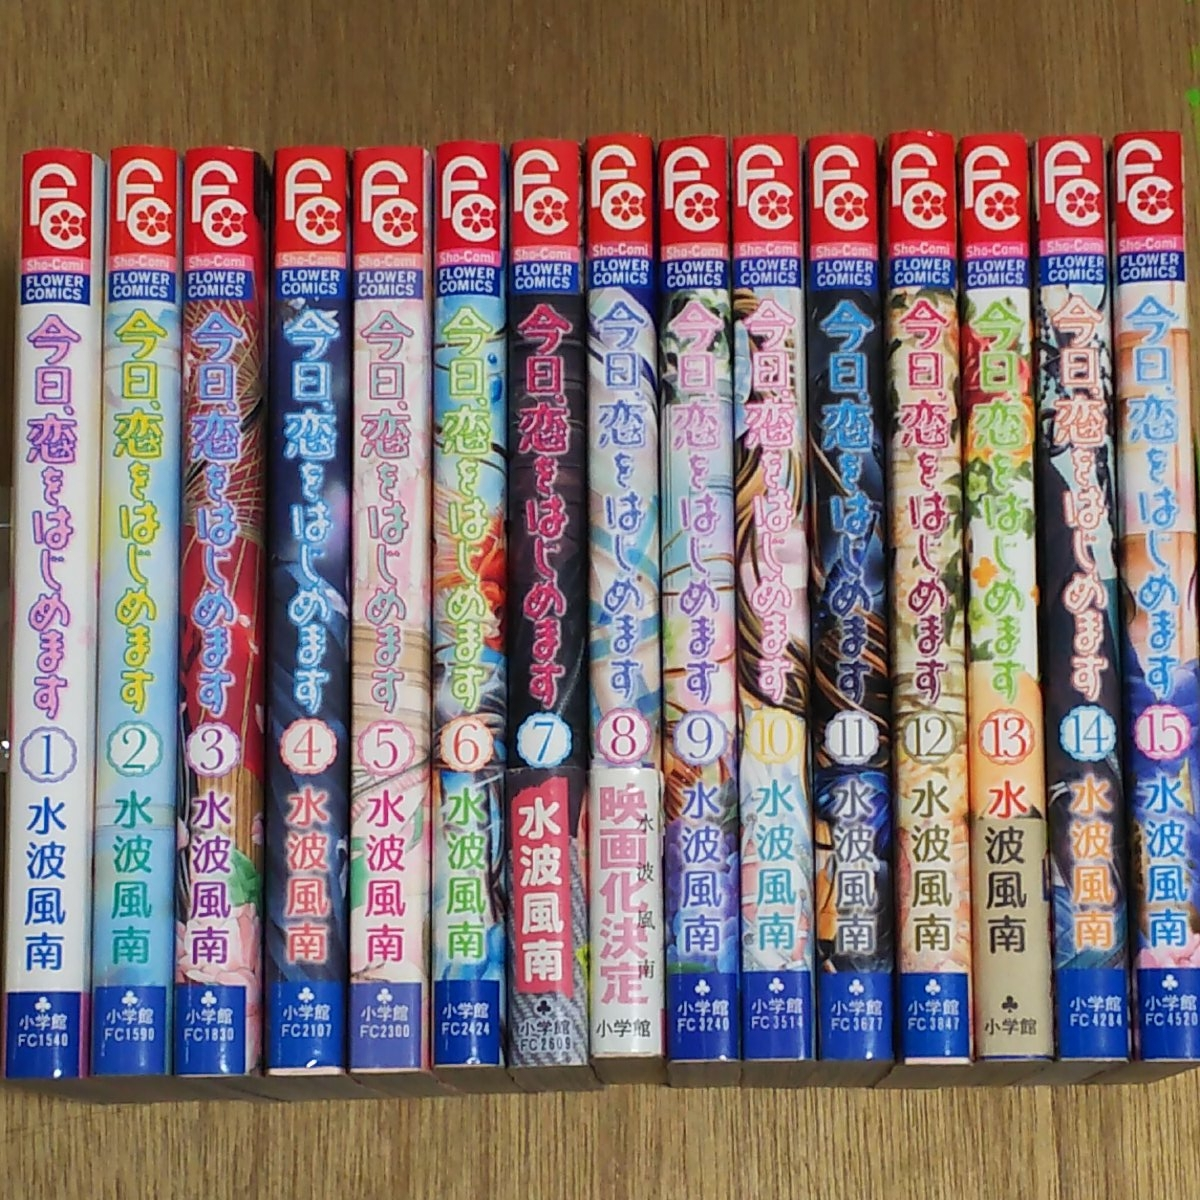 今日、恋をはじめます 1~15巻全巻完結セット 水波風南 フラワーコミックス 小学館